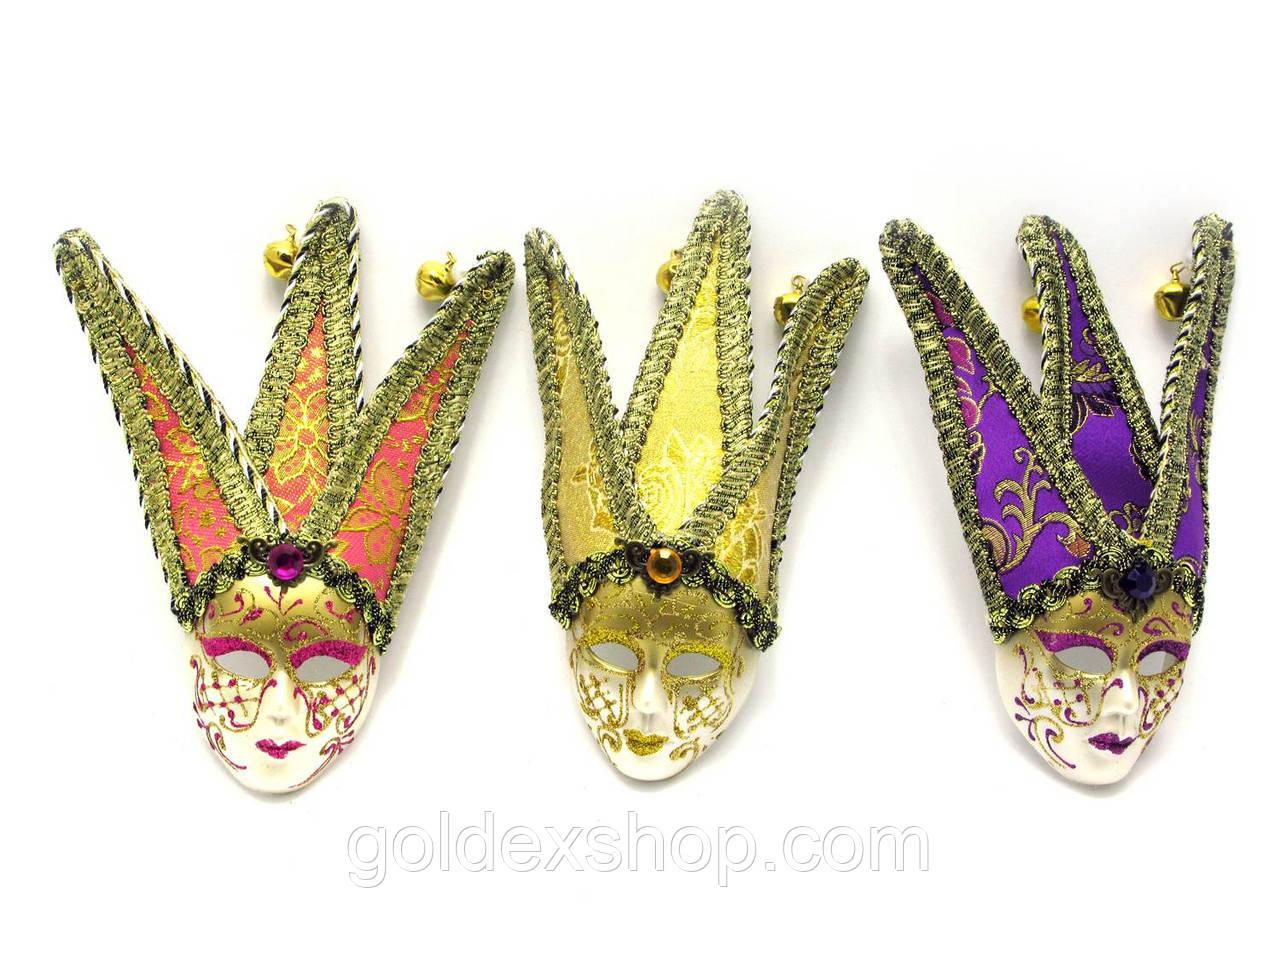 Маска карнавальная венецианская декоративная (18,5х6,5х3,5 см)